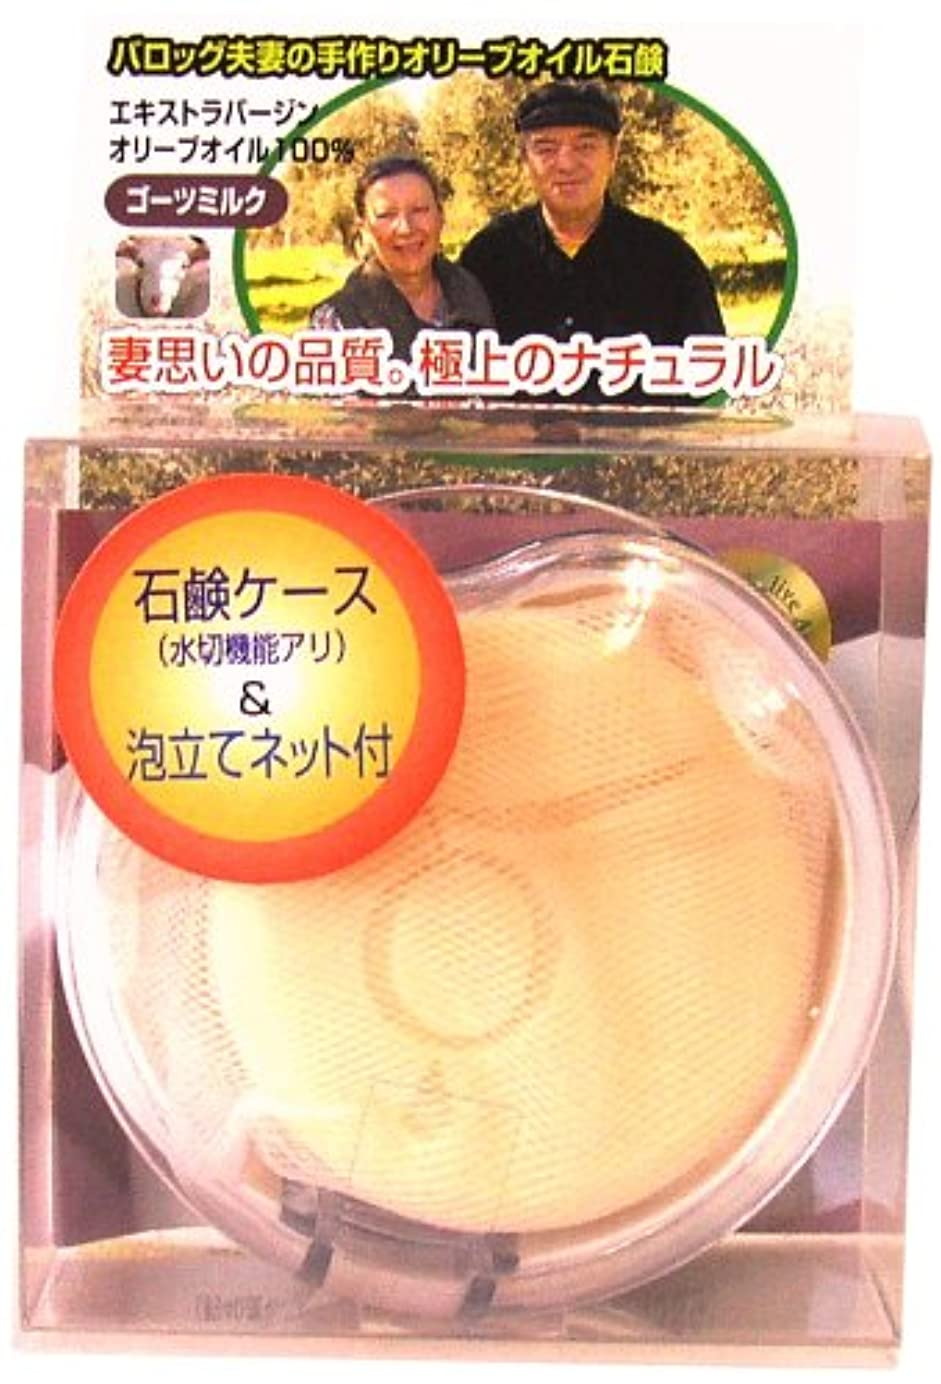 腐敗第三嘆くバロッグ夫婦の手作りオリーブオイル石鹸 ミニ石鹸ケース付(ゴーツミルク) 20g